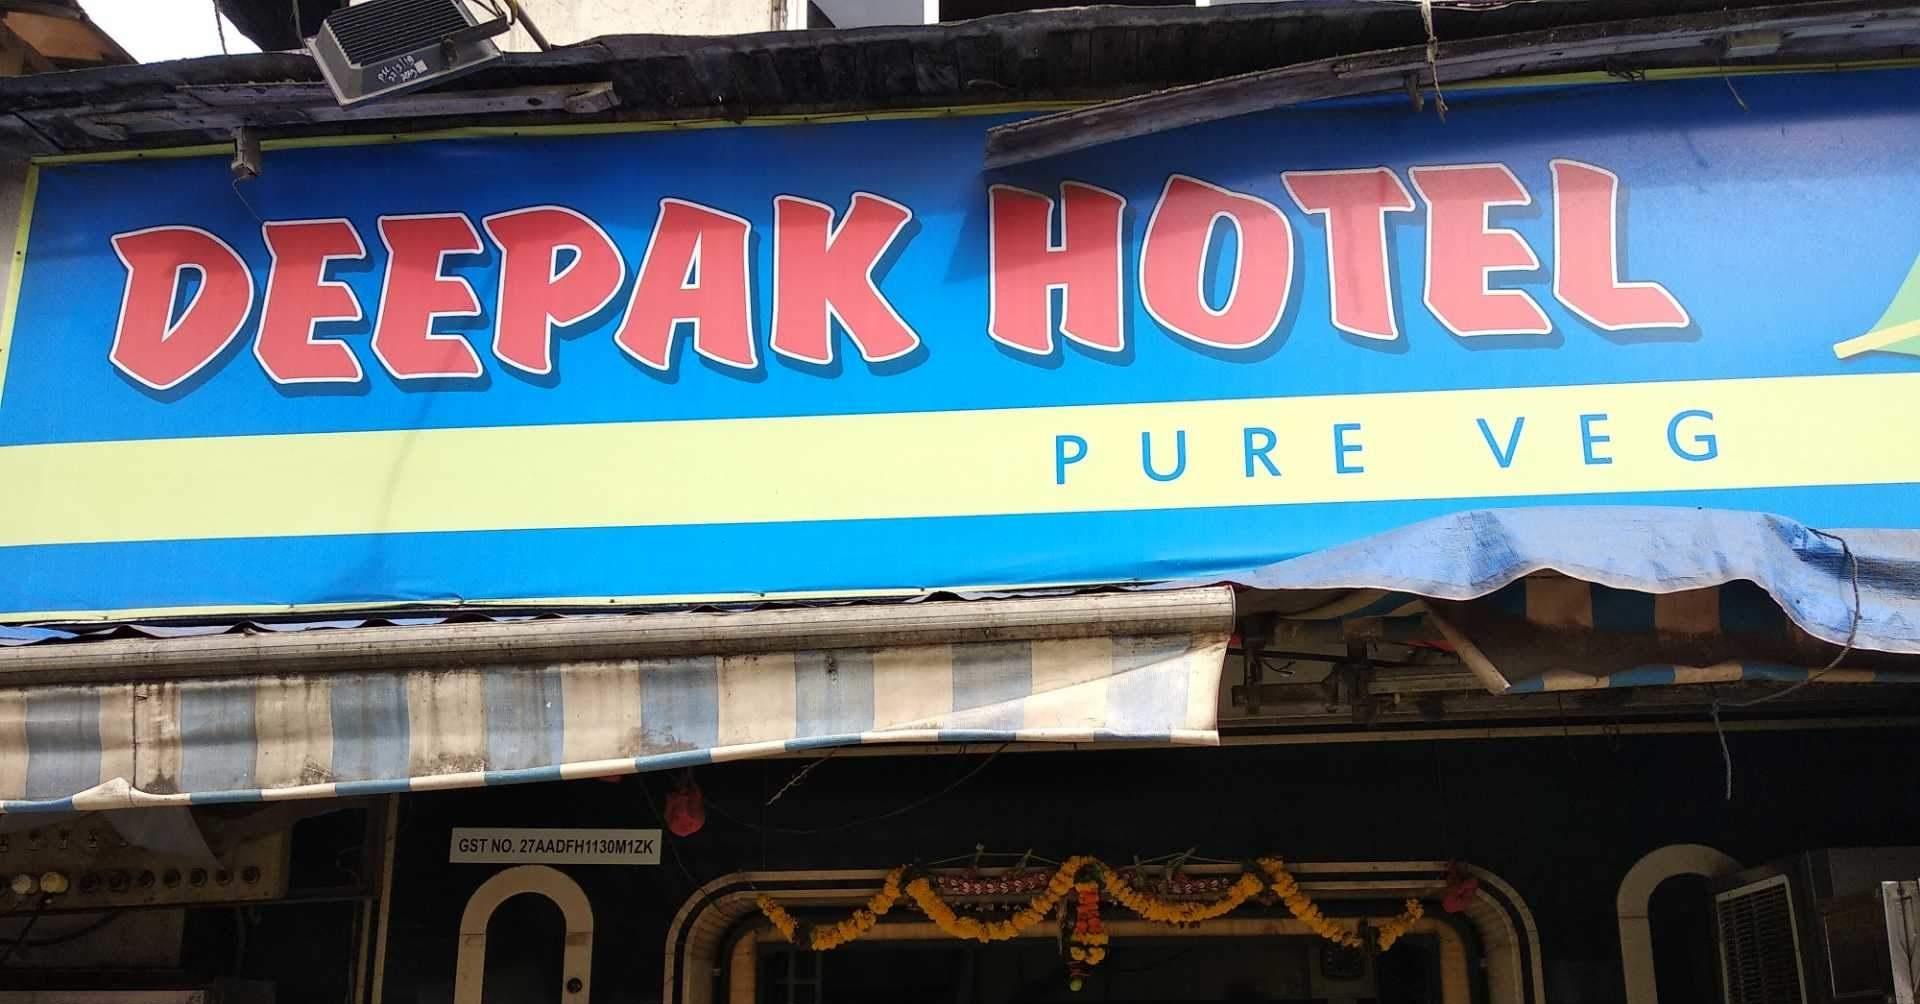 Deepak Hotel - Kalyan - Thane Image